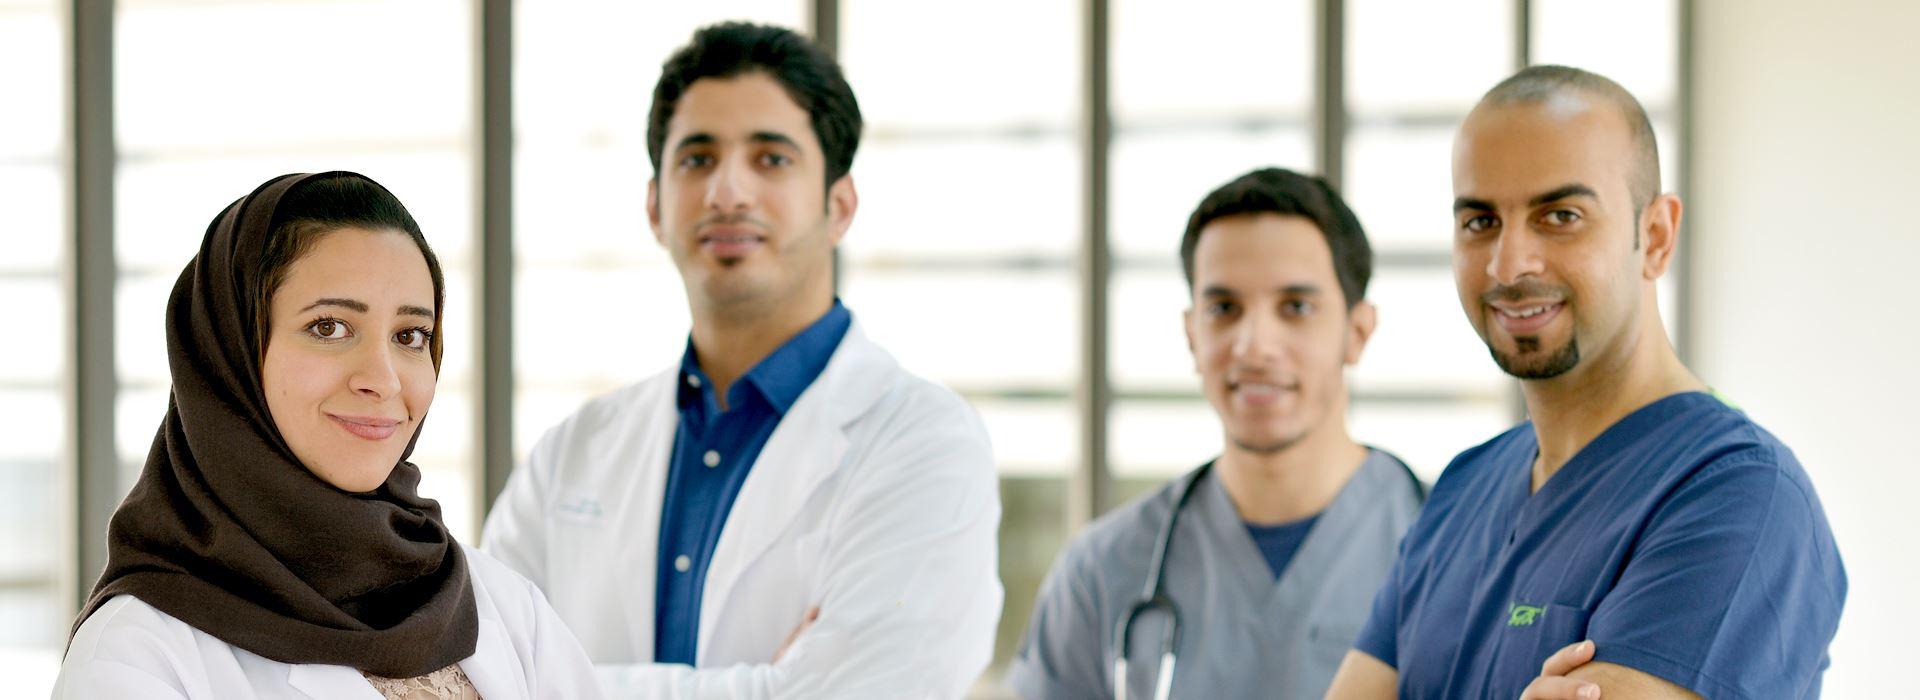 الوظائف مركز جونز هوبكنز أرامكو الطبي